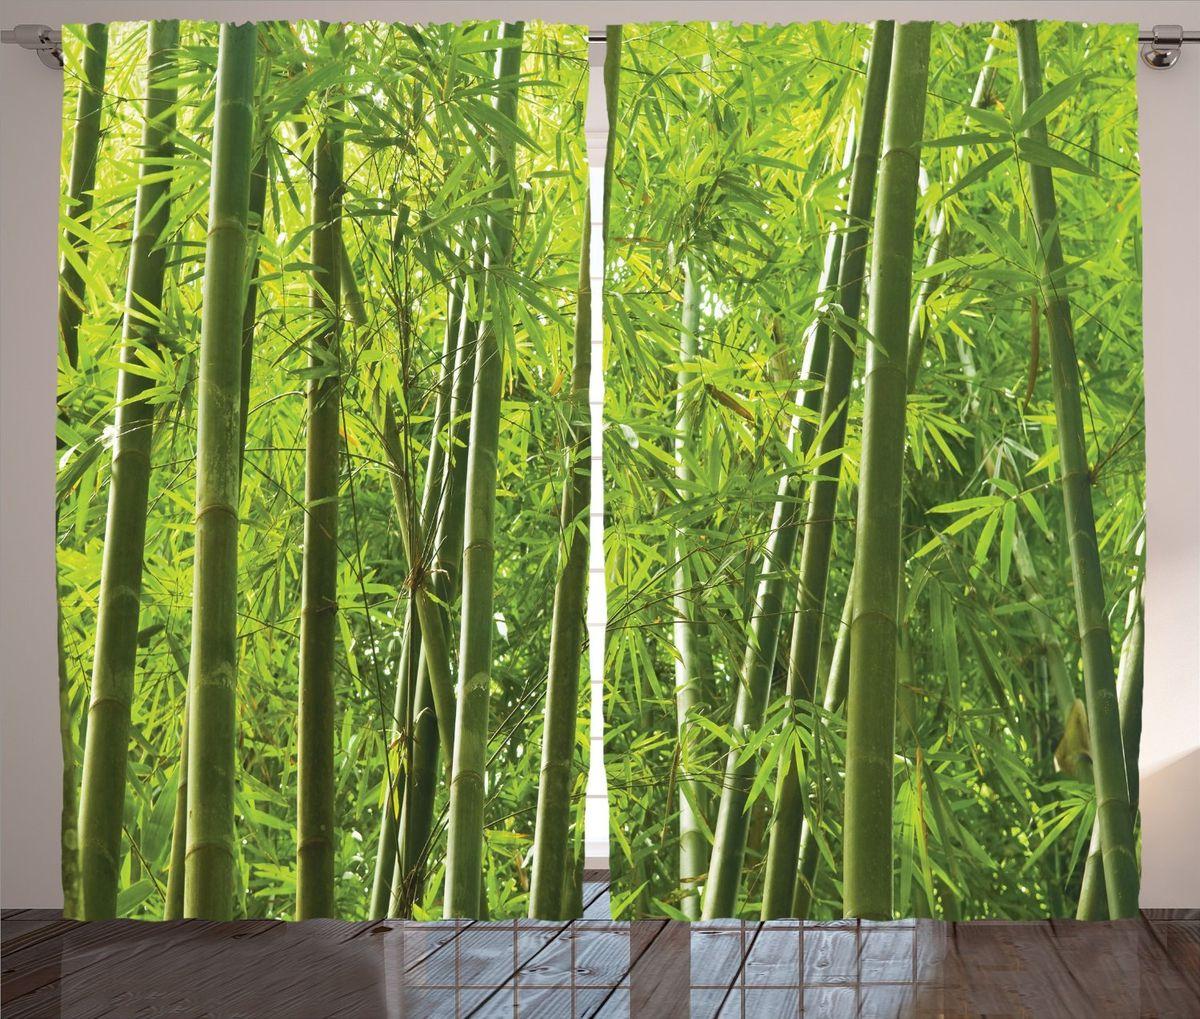 Комплект фотоштор Magic Lady Бамбуковый лес, на ленте, высота 265 см